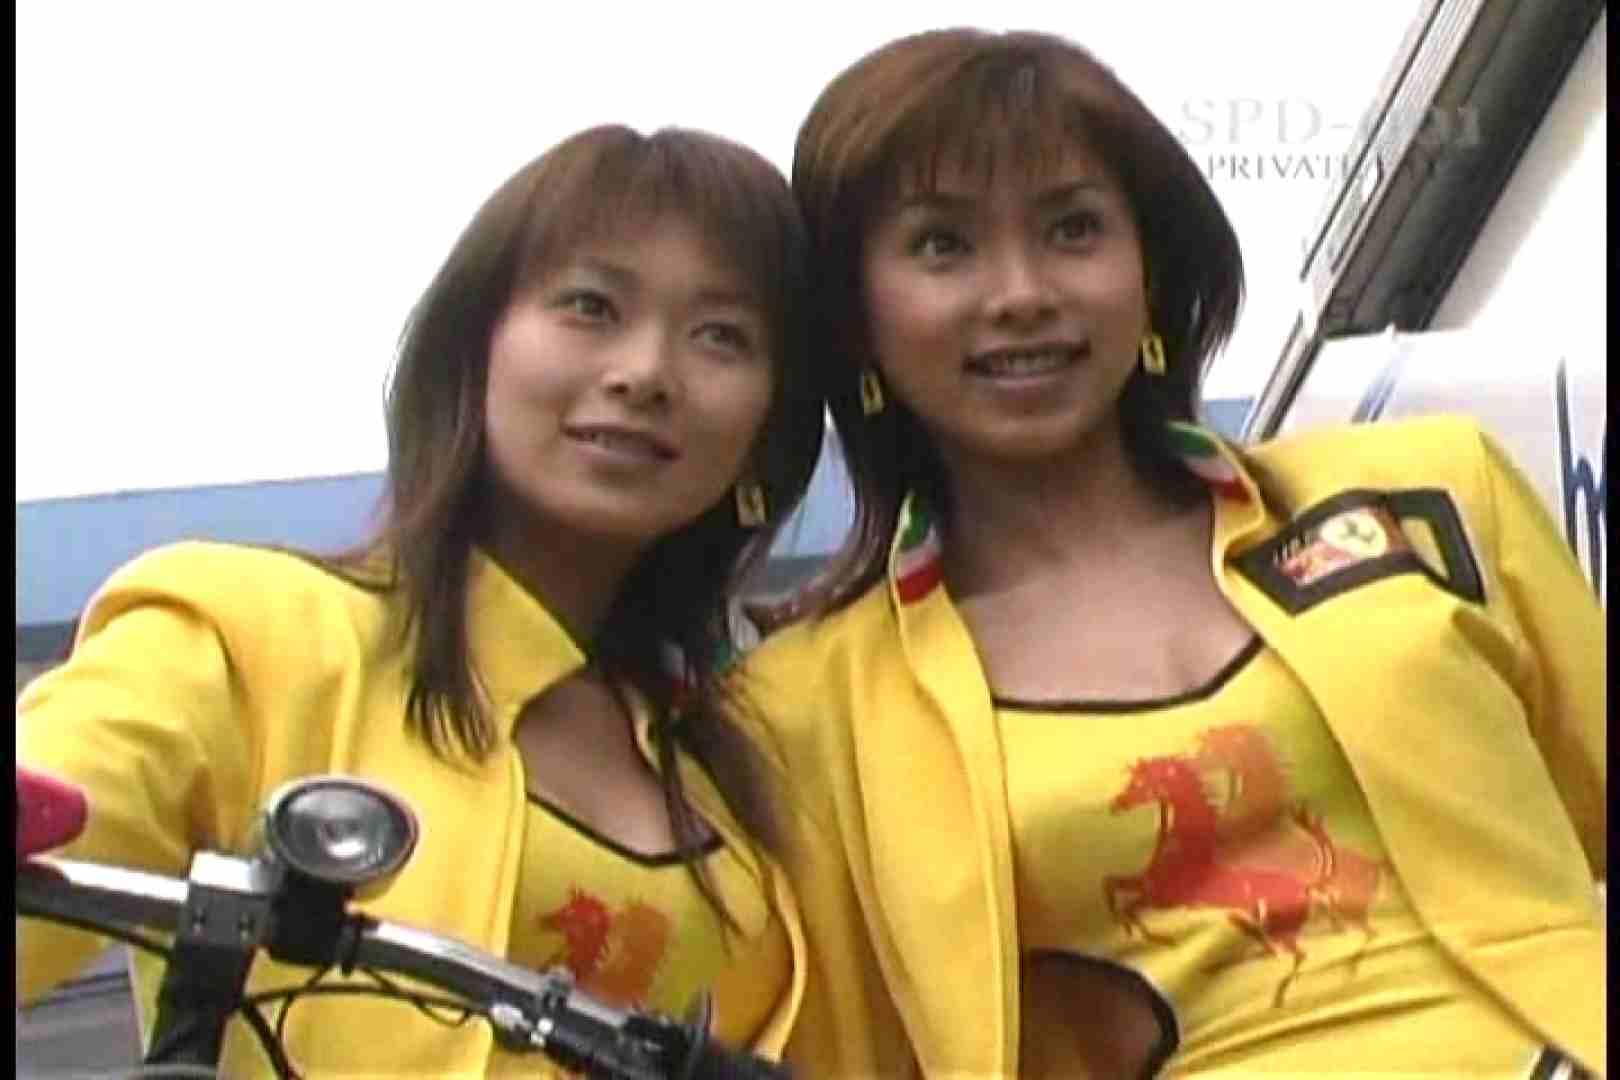 高画質版!SPD-001 サーキットの女神達 Vol.00 OLのエロ生活   プライベート  70連発 65